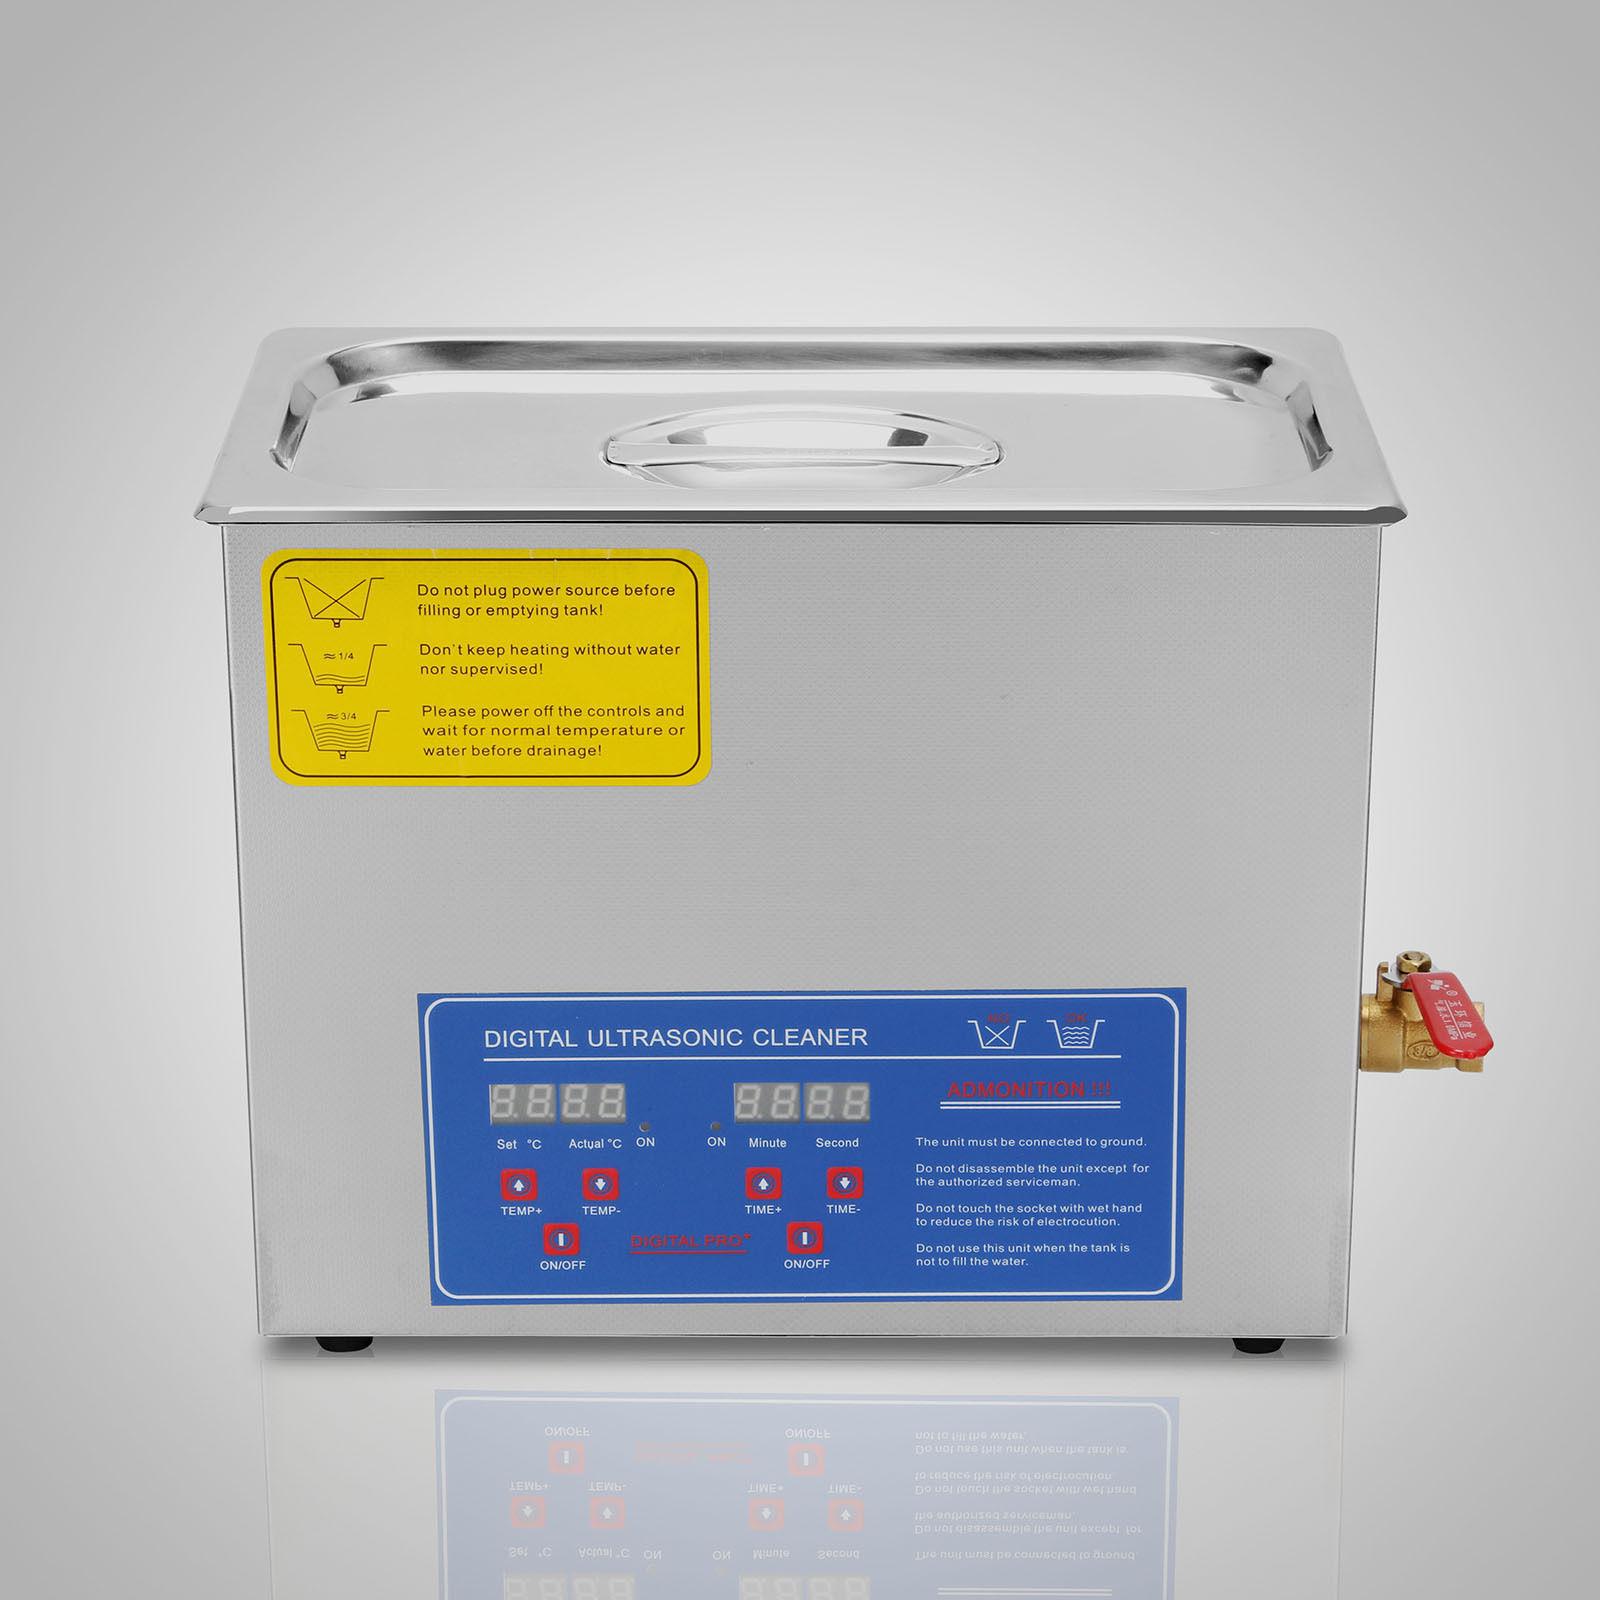 6 Liter Stainless Steel Digital Ultrasonic Cleaner